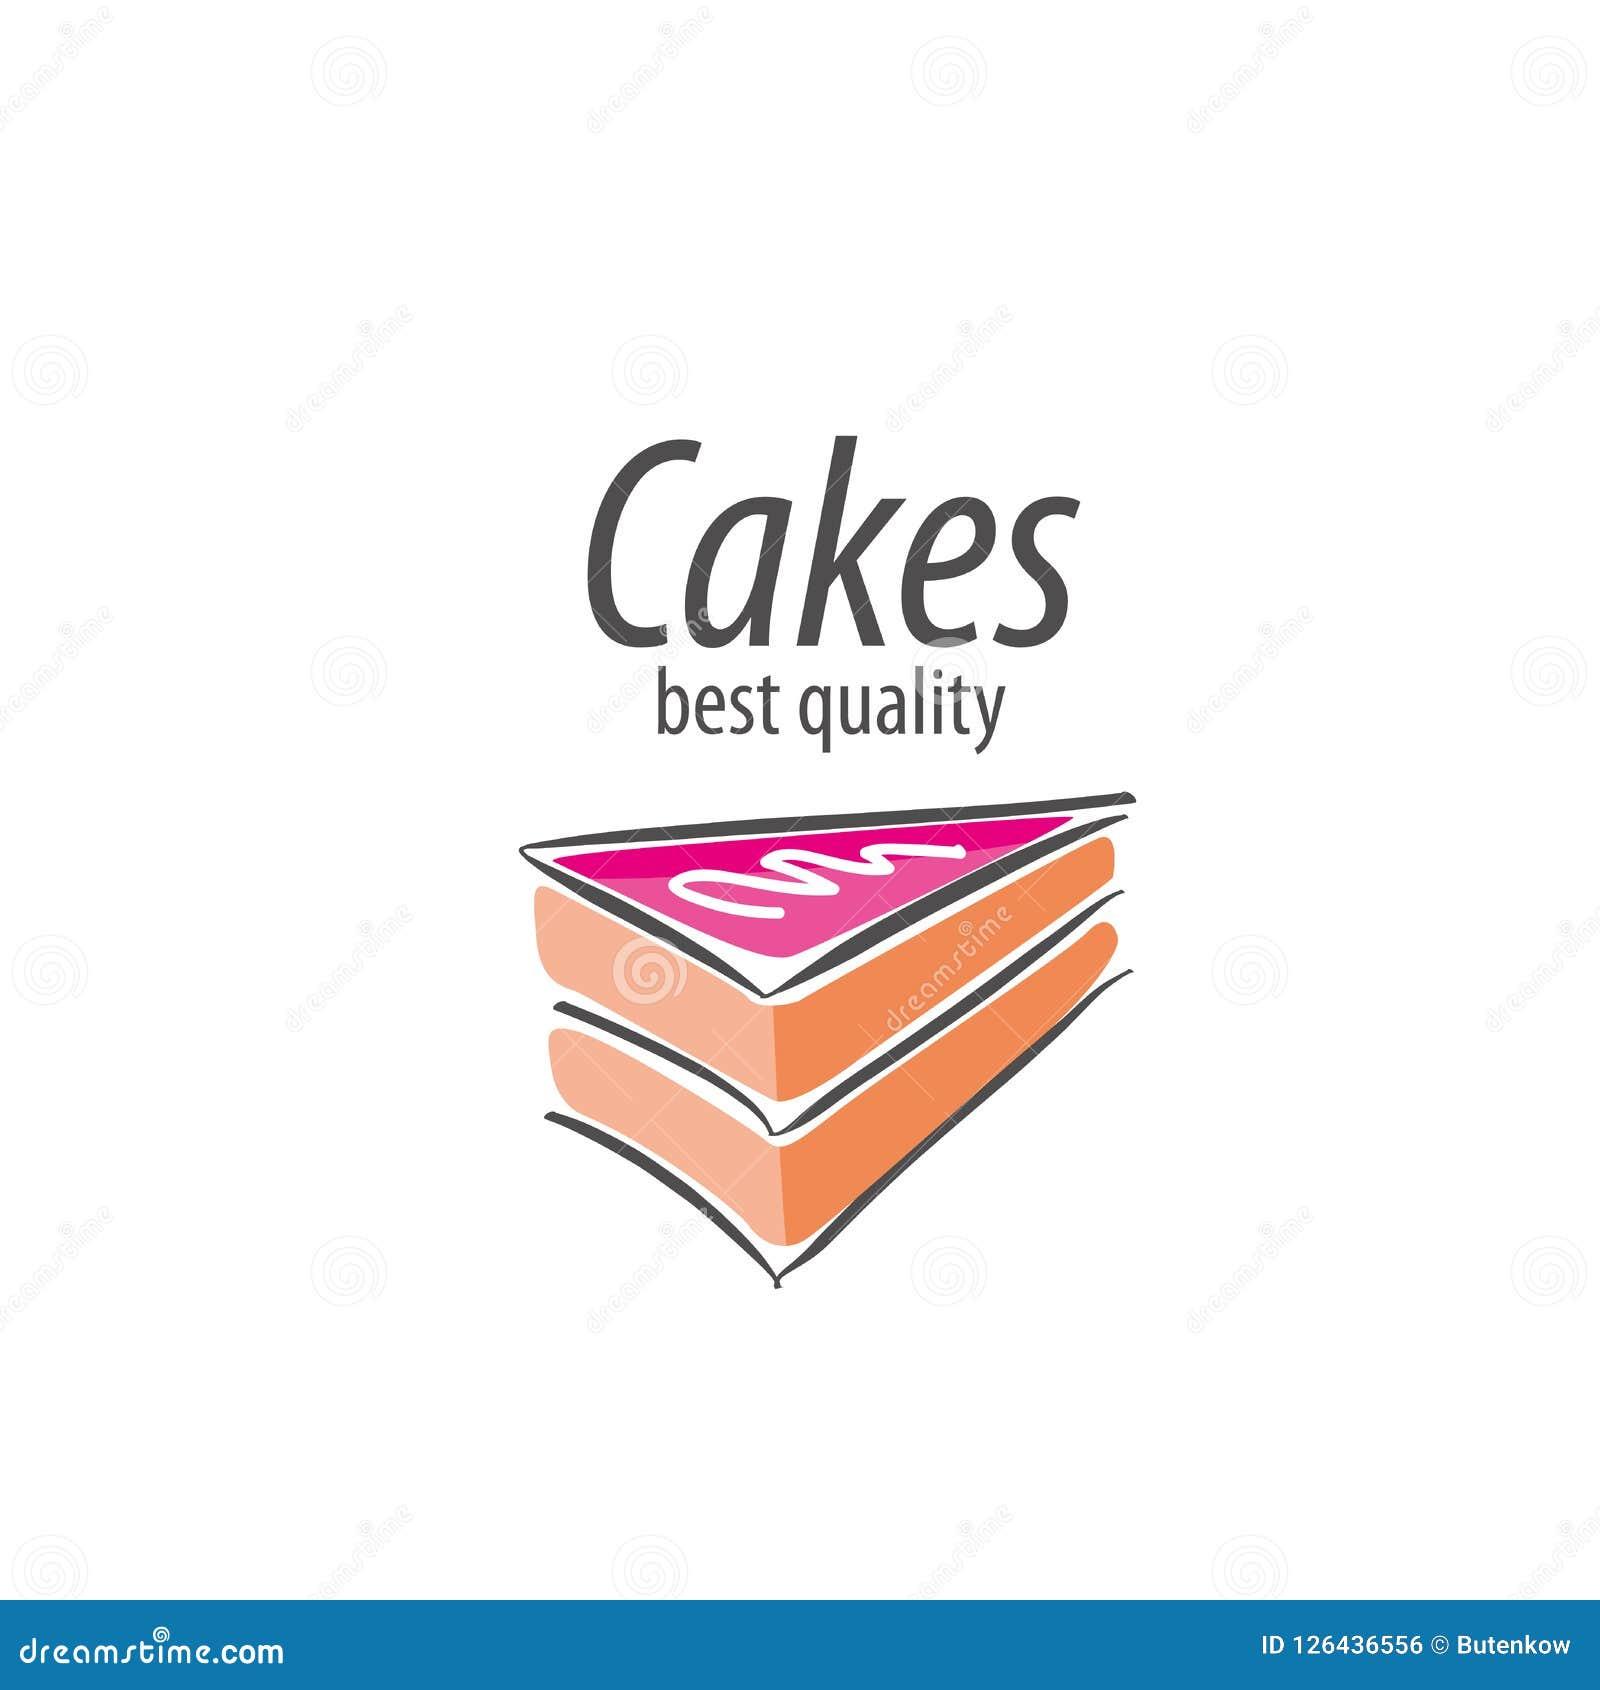 Vector cake logo